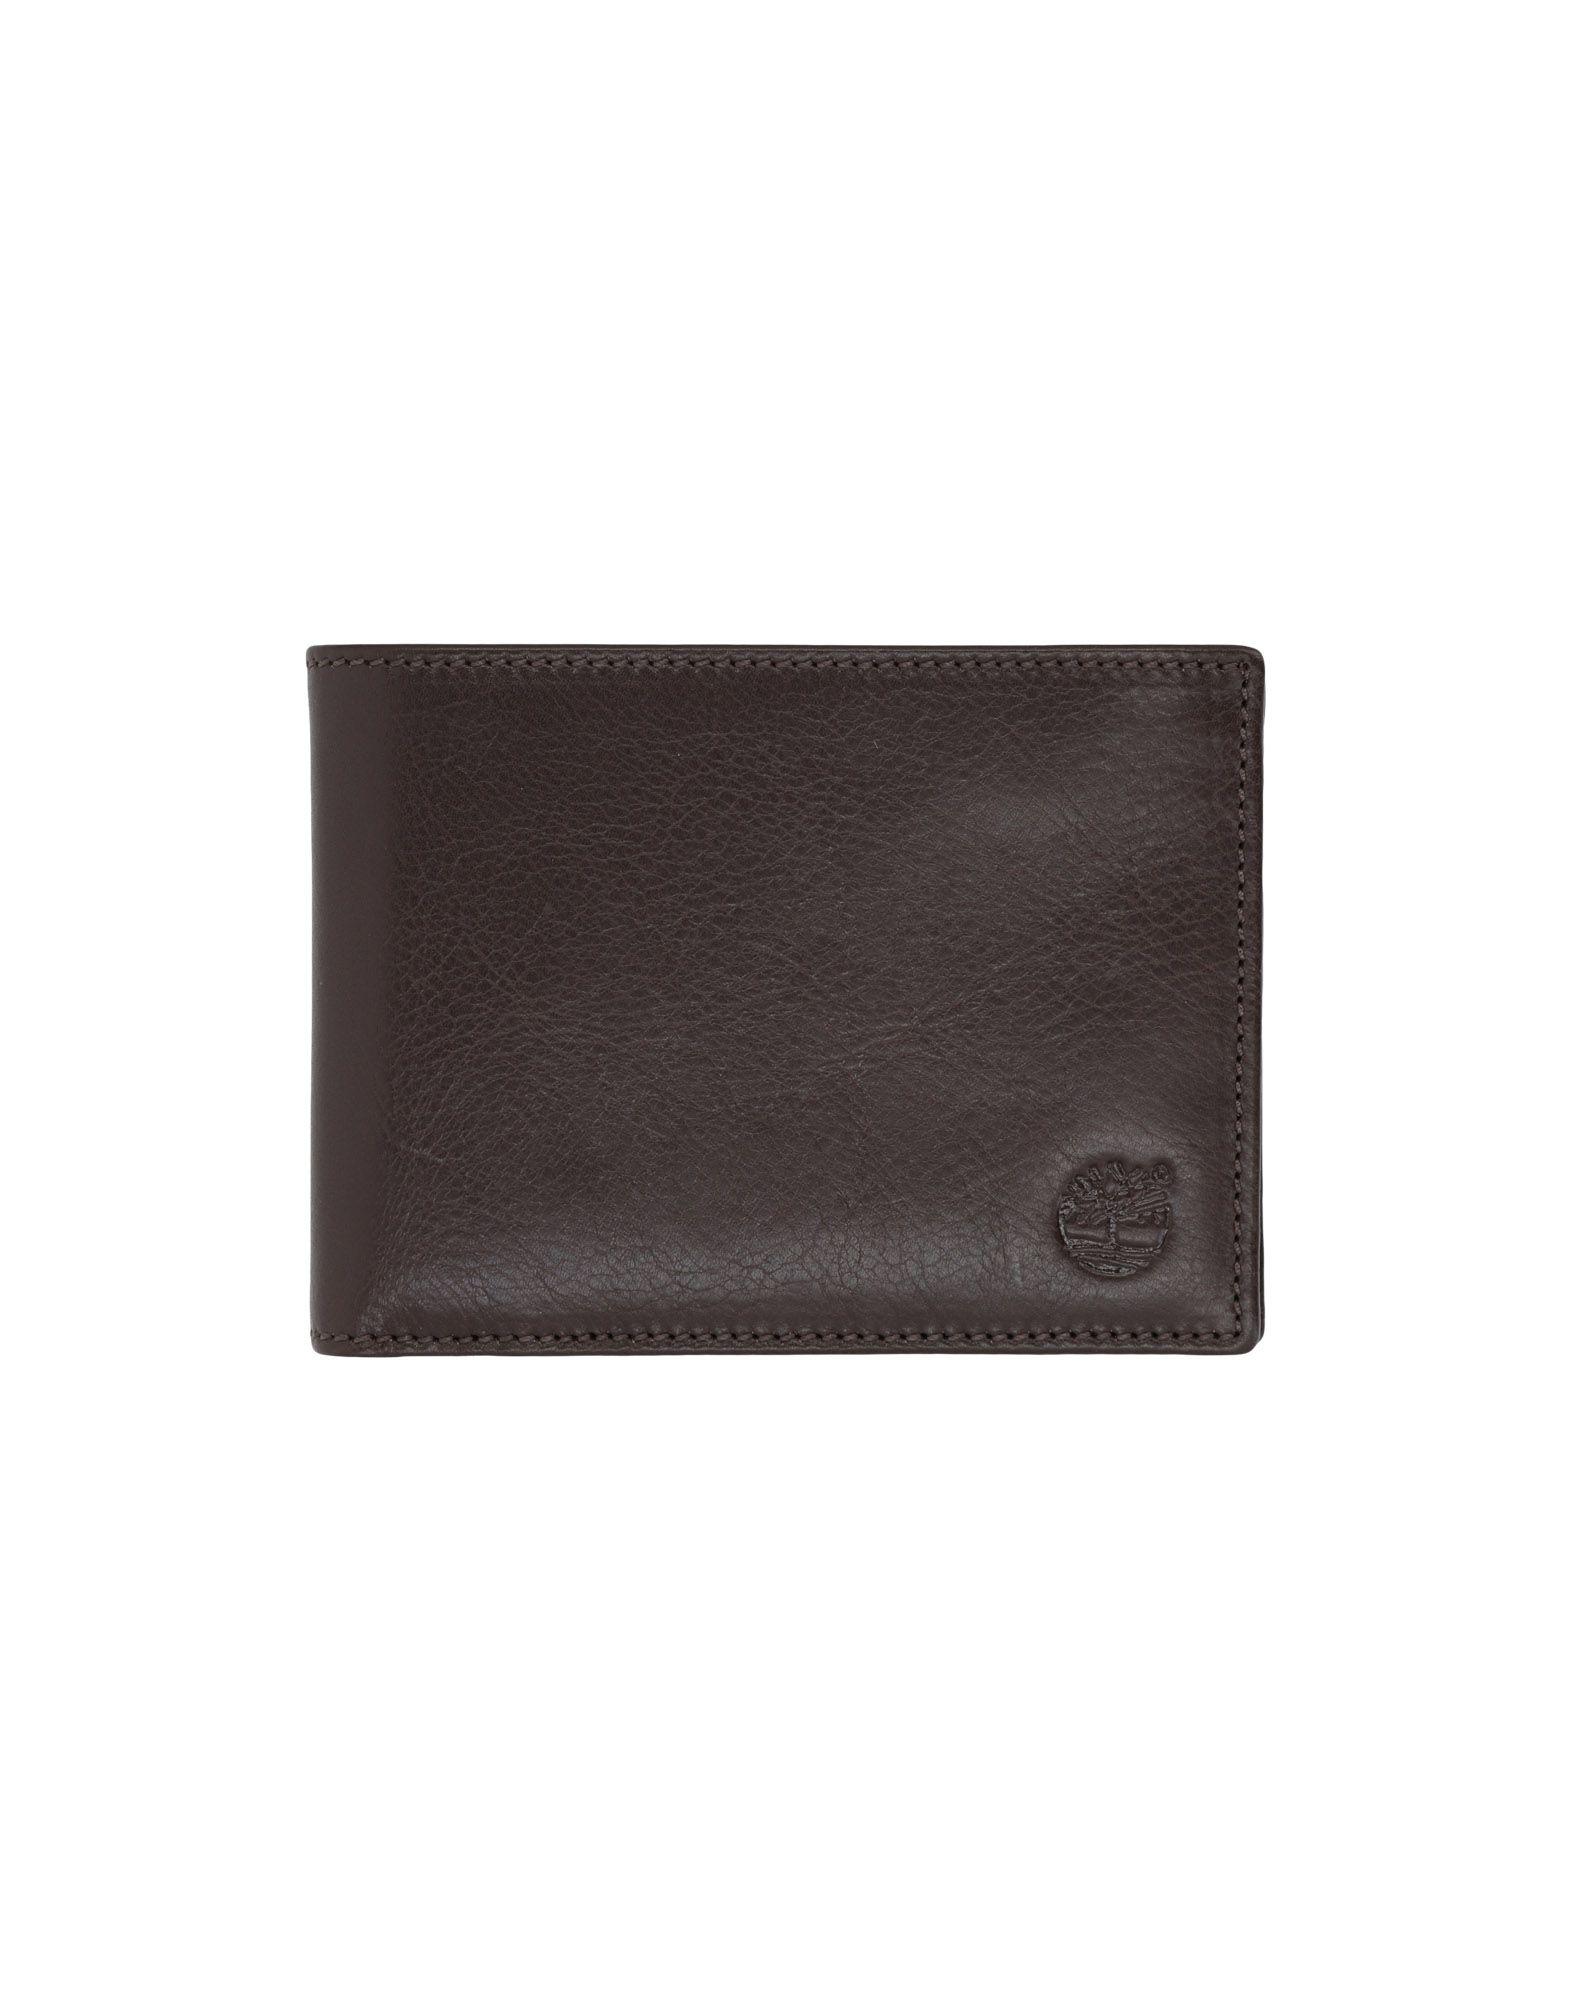 《送料無料》TIMBERLAND メンズ 財布 ダークブラウン 革